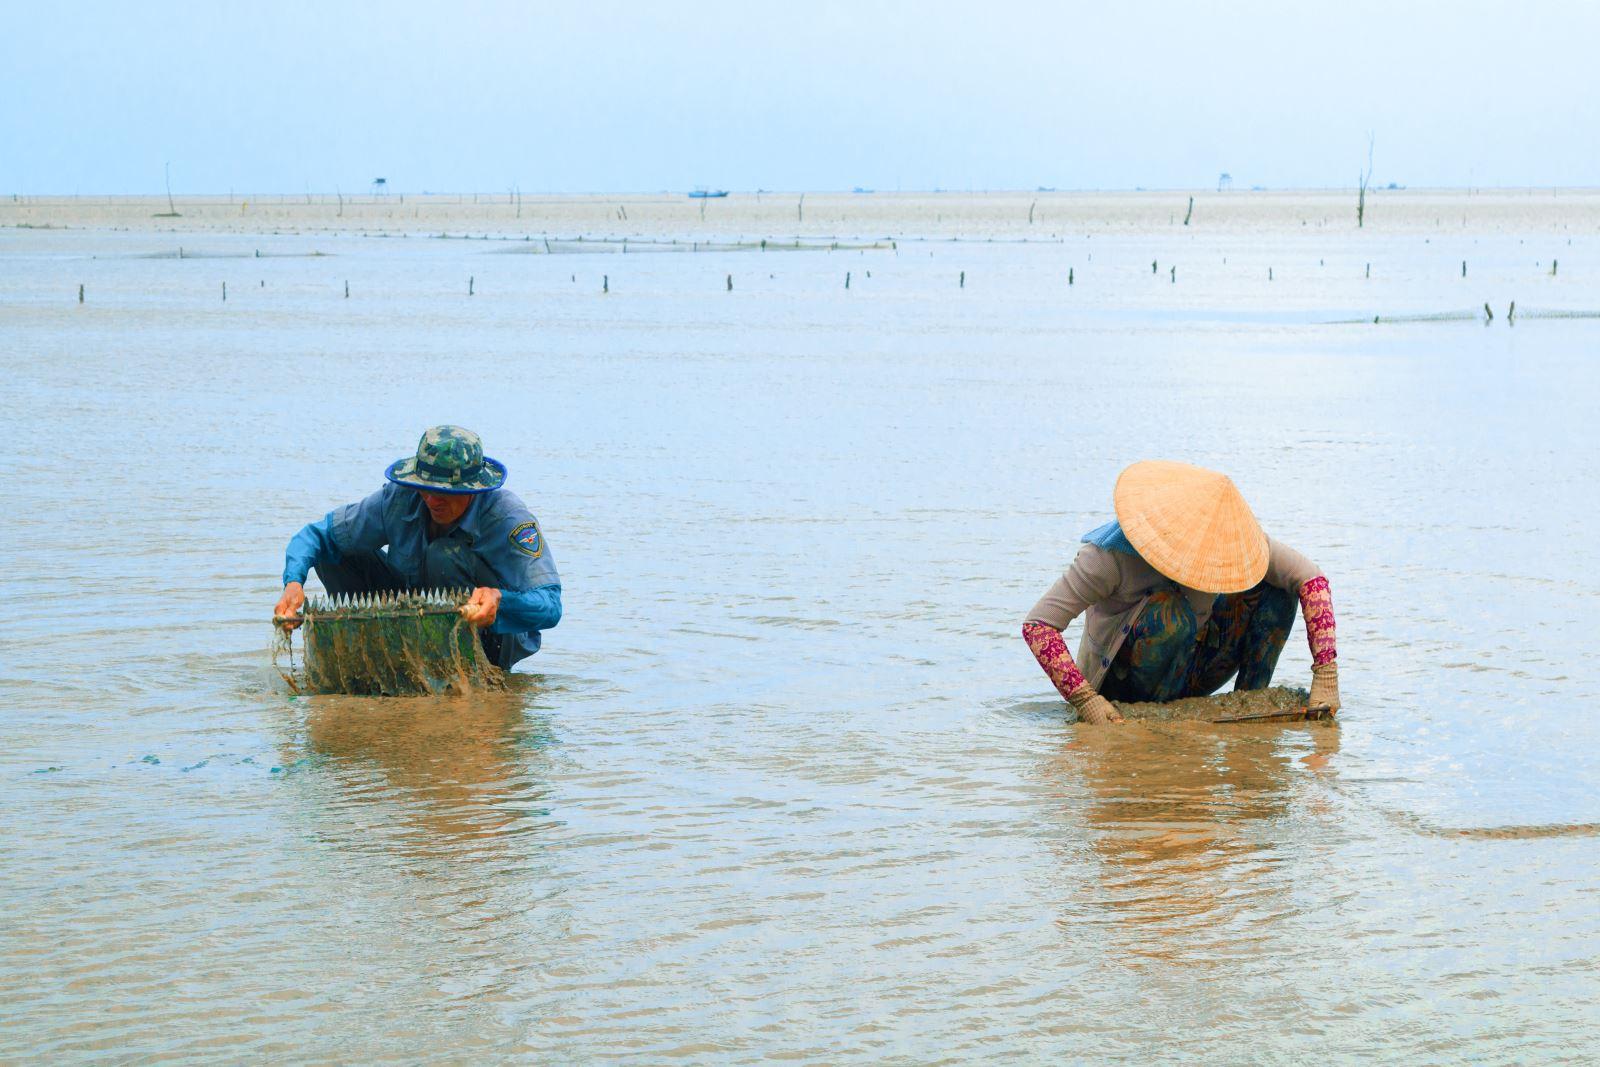 Dụng cụ cào nghêu non là một tay lưới có gắn thêm lưỡi cào, người ta phải ấn lưỡi cào xuống đất và kéo đi cho nghêu nổi lên rồi hốt vào lưới.